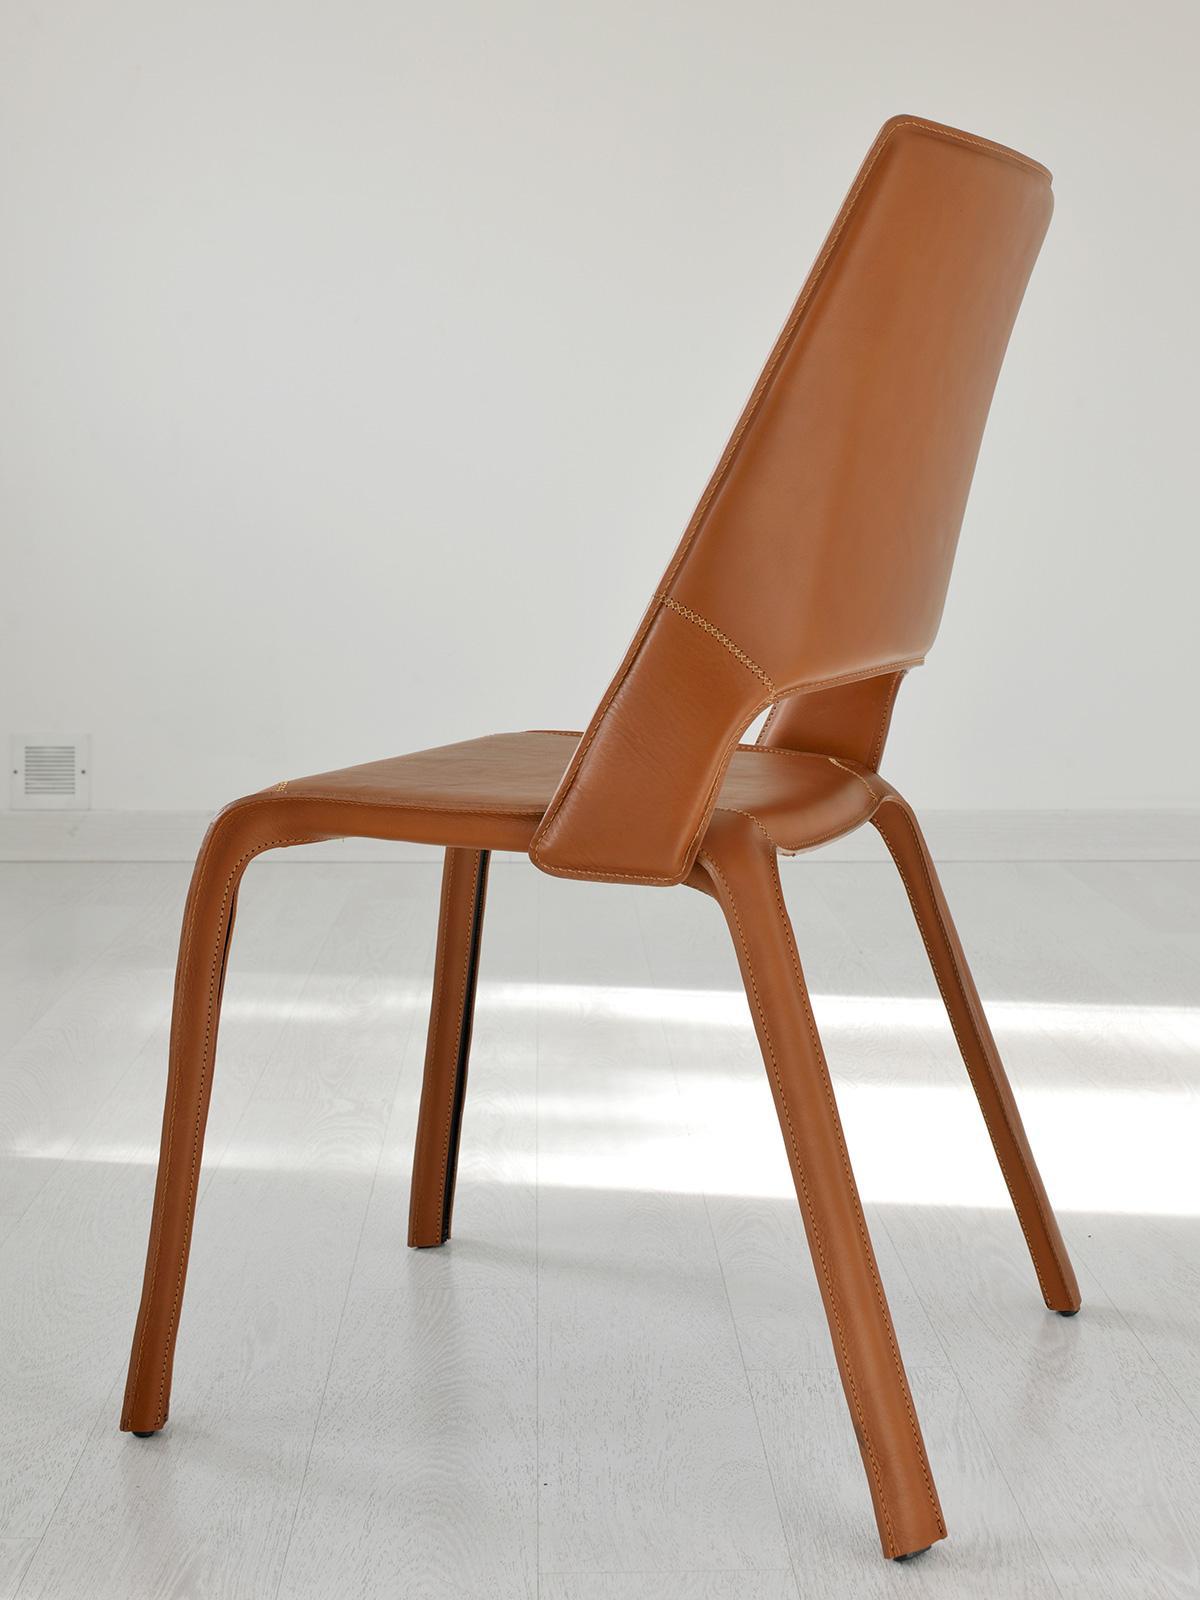 Chaise en cuir avec coutures et fermetures éclairs apparentes. 100% réalisée en Italie. Design de Giorgio del Piero. Nombreuses couleurs disponibles.